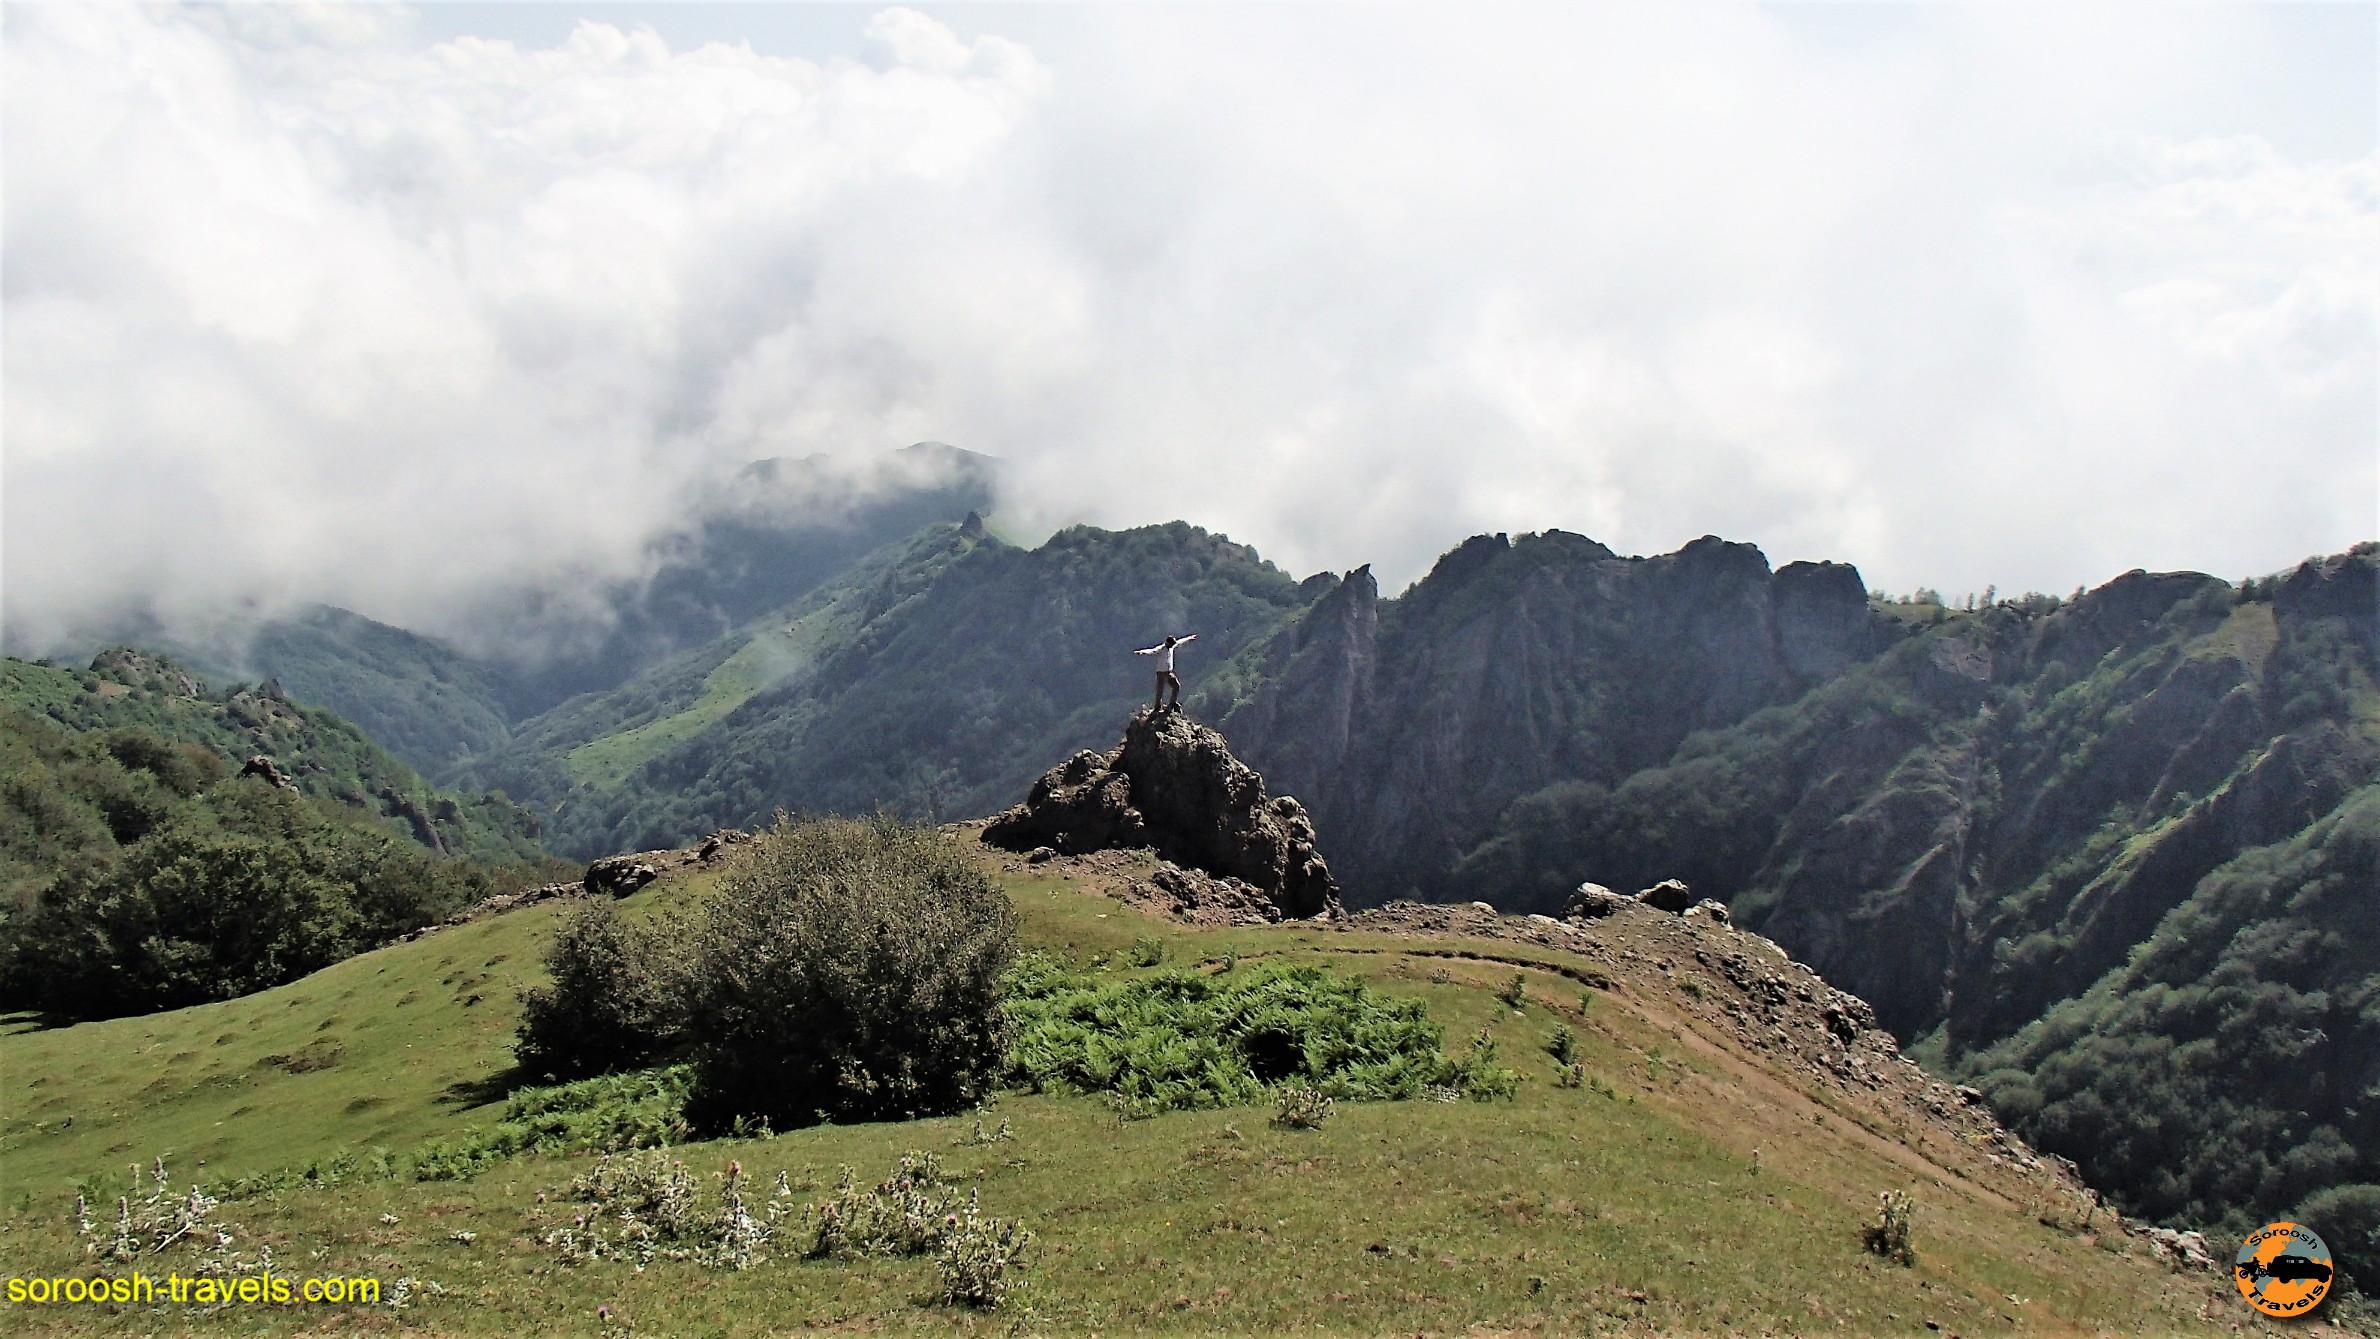 کوههای مجاور دریاچه سوها - تابستان ۱۳۹۶